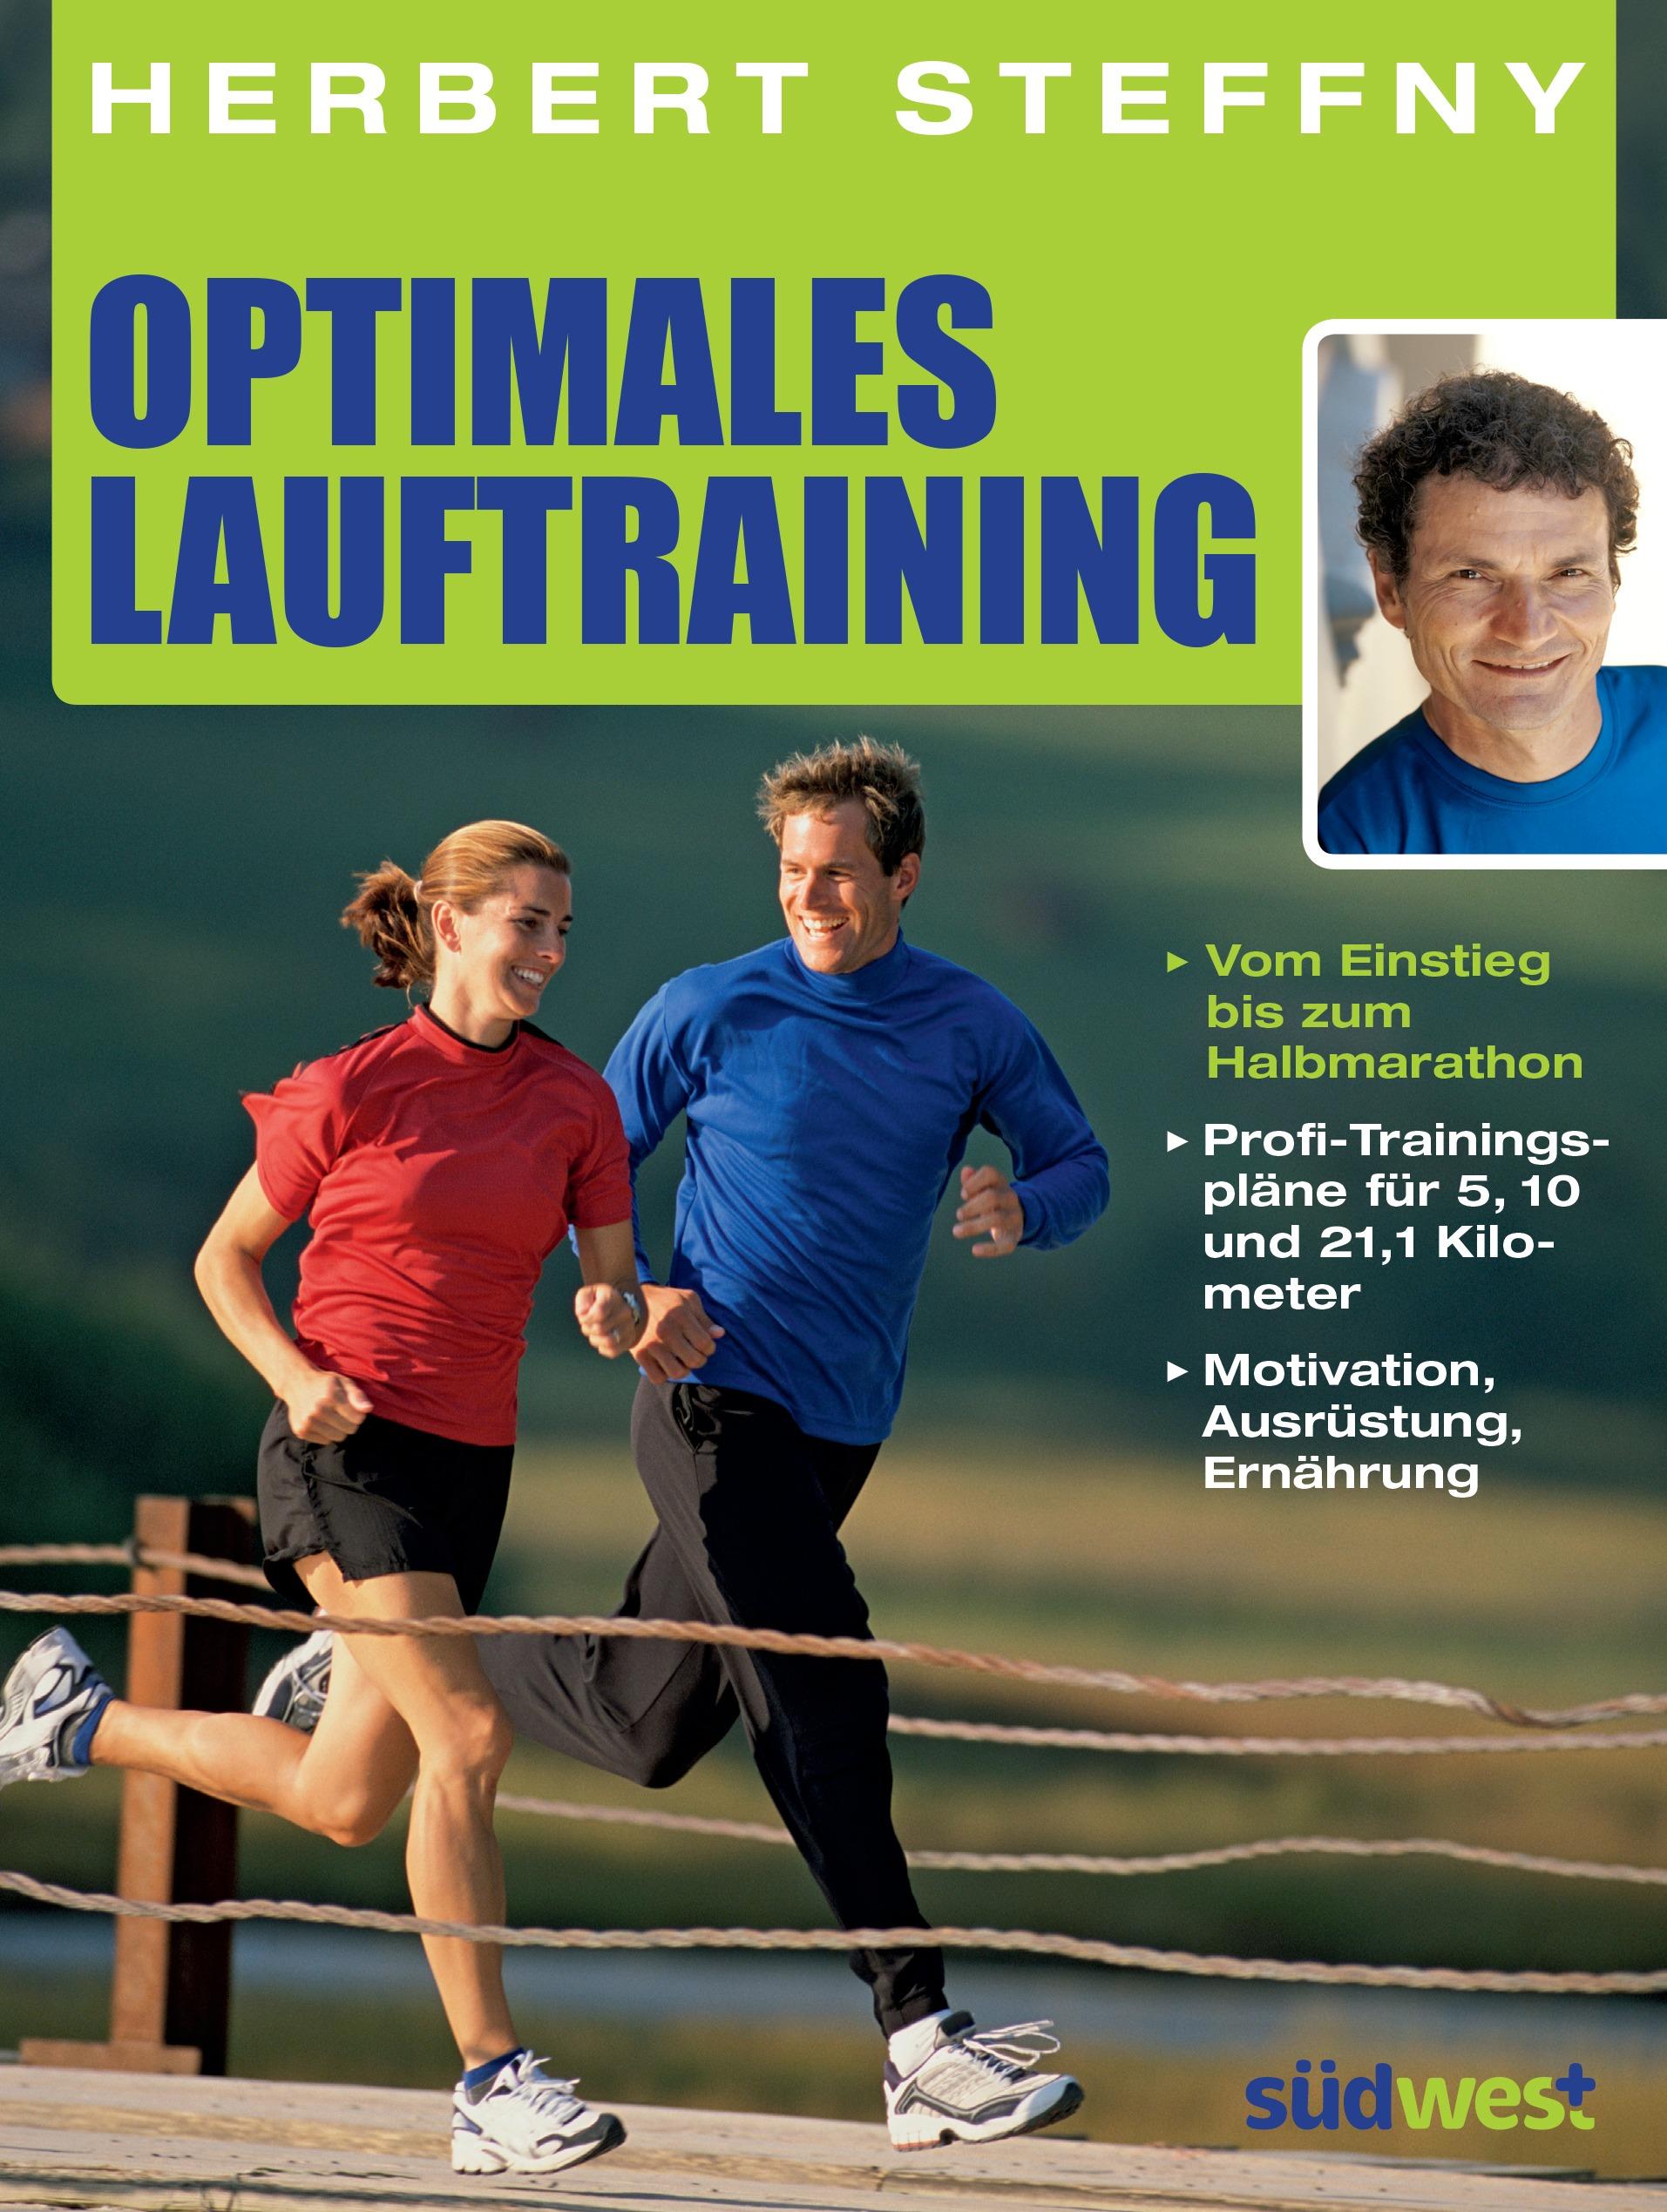 Optimales Lauftraining: Vom Einstieg bis zum Halbmarathon - Bewährte Trainingspläne vom Profi - Herbert Steffny